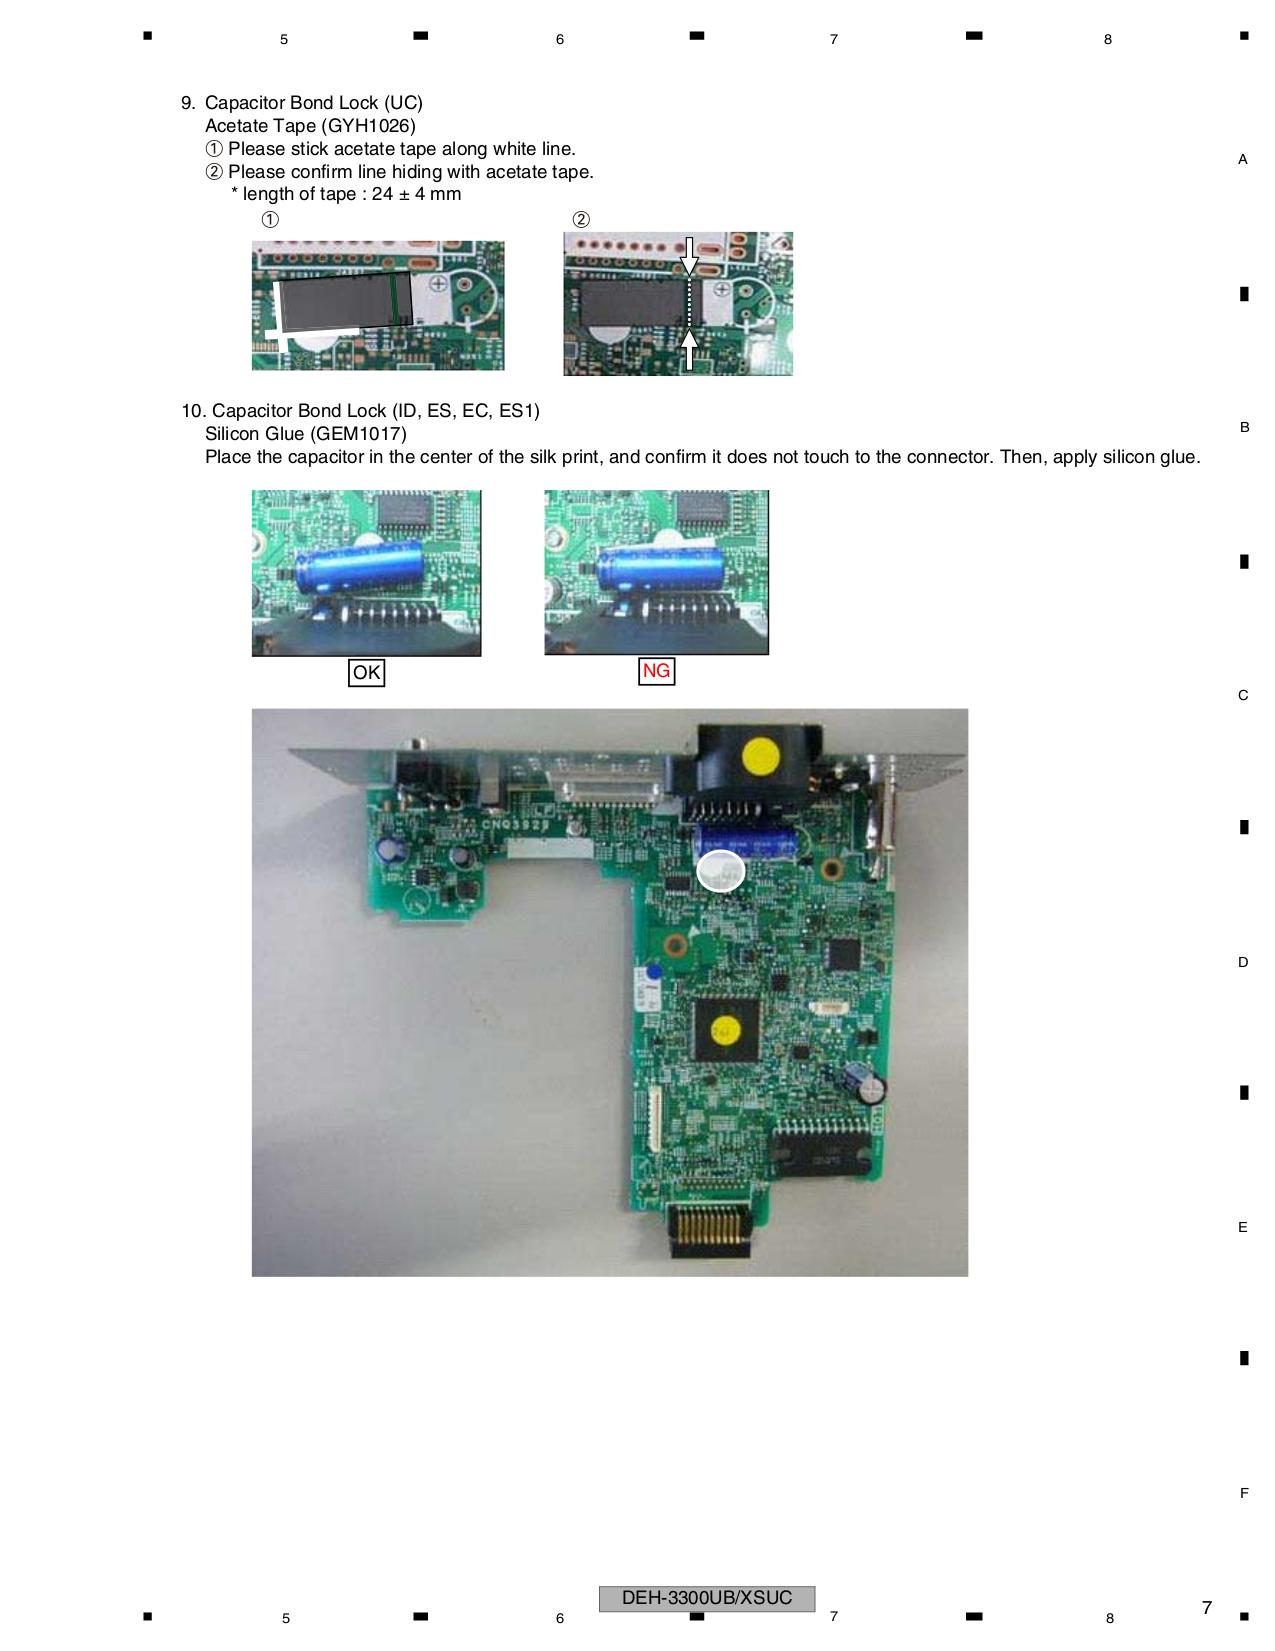 Ebook-2570] installing pioneer car stereo user manual | 2019 ebook.